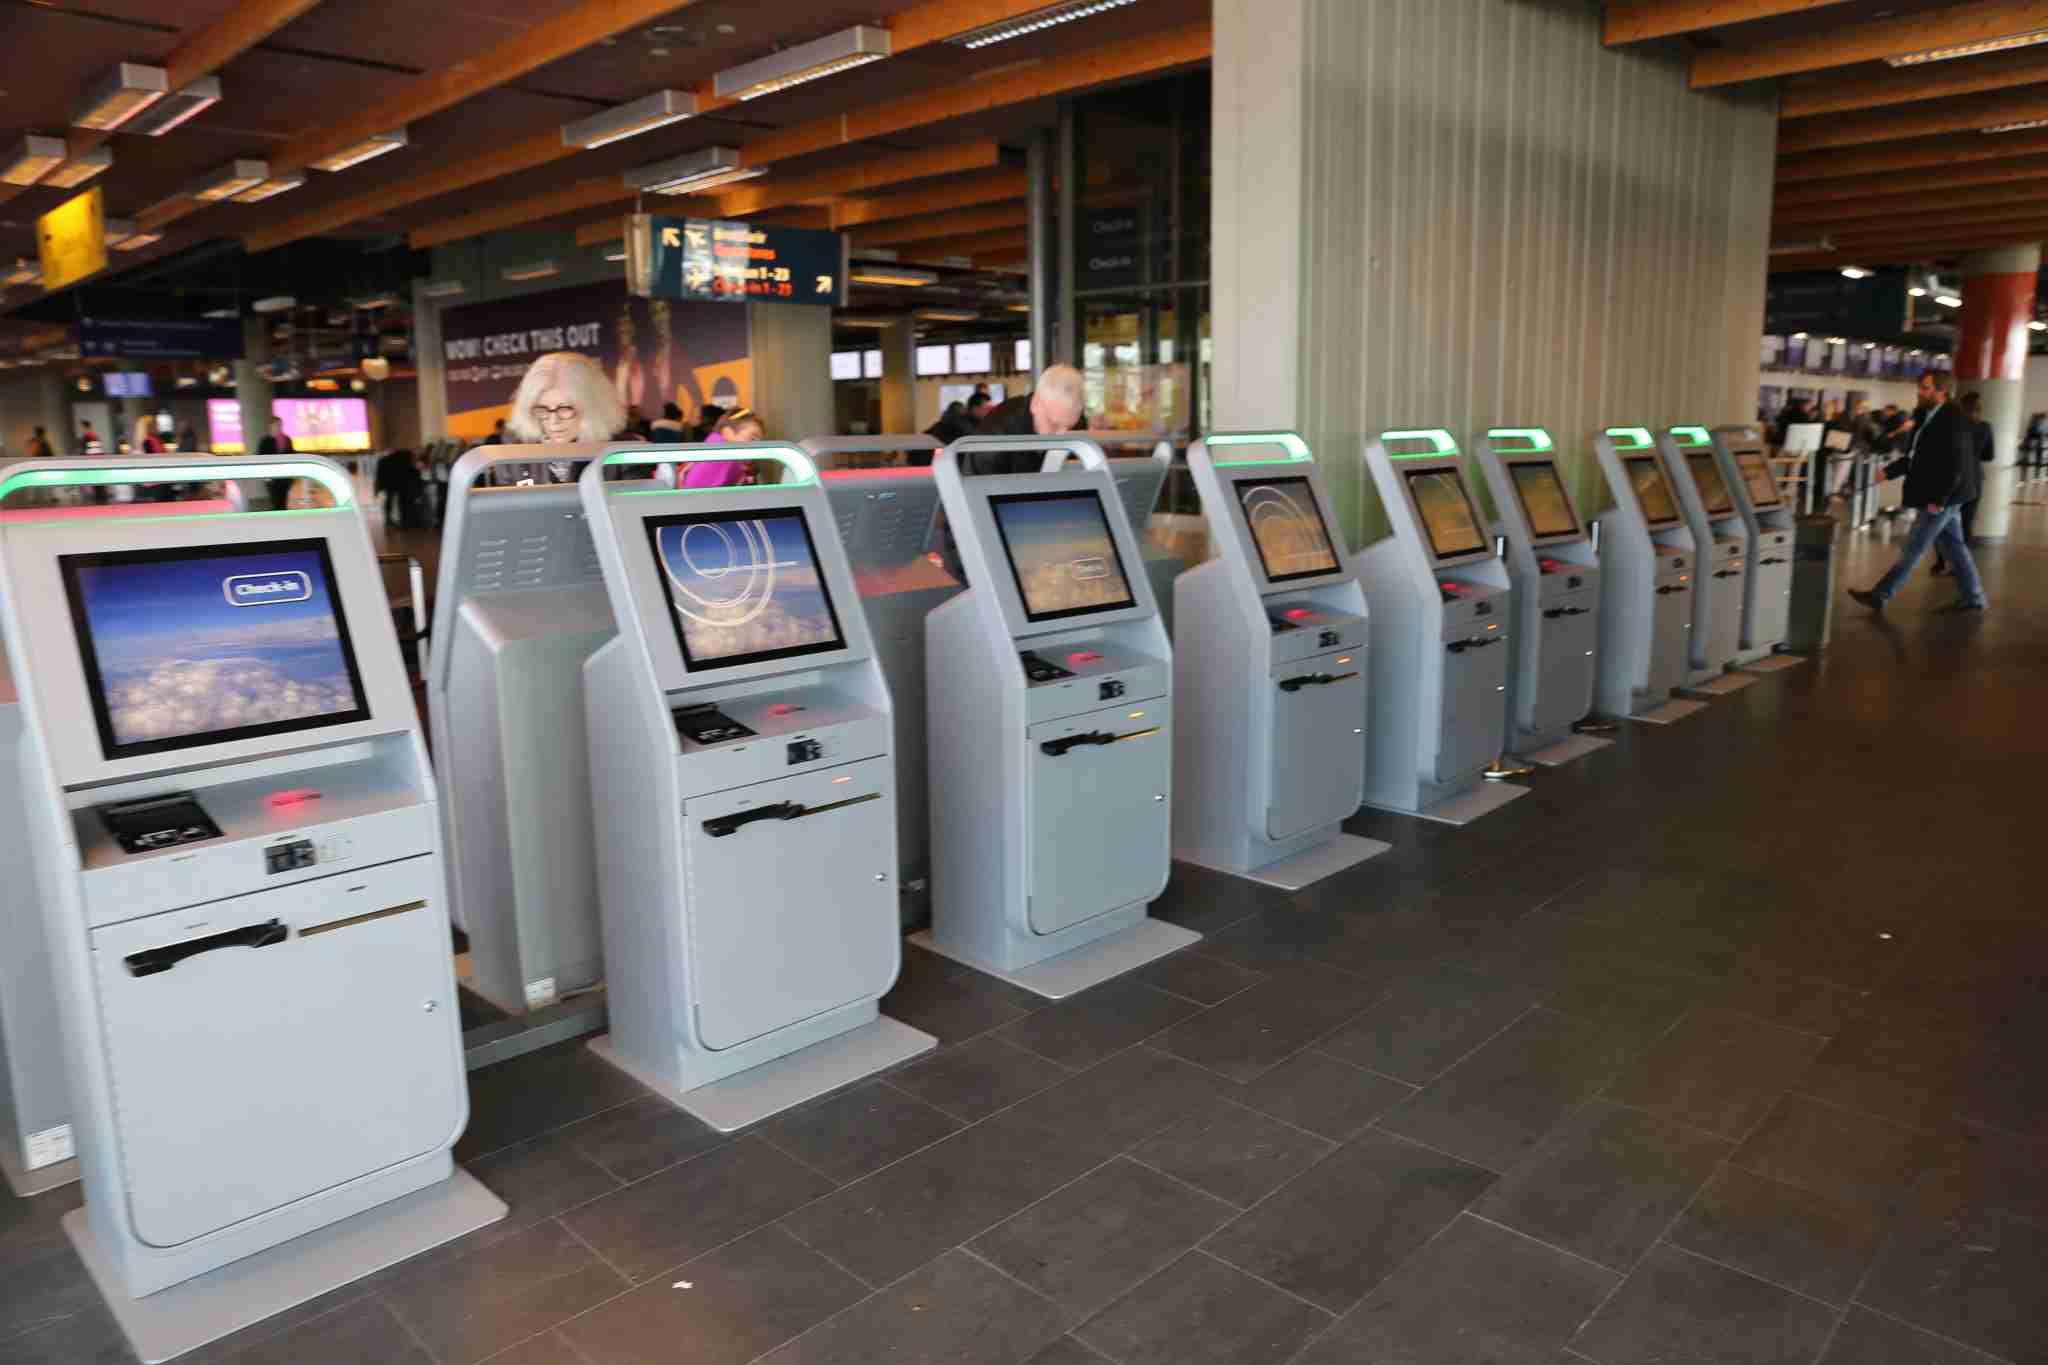 Reykjavik airport check in (KEF)